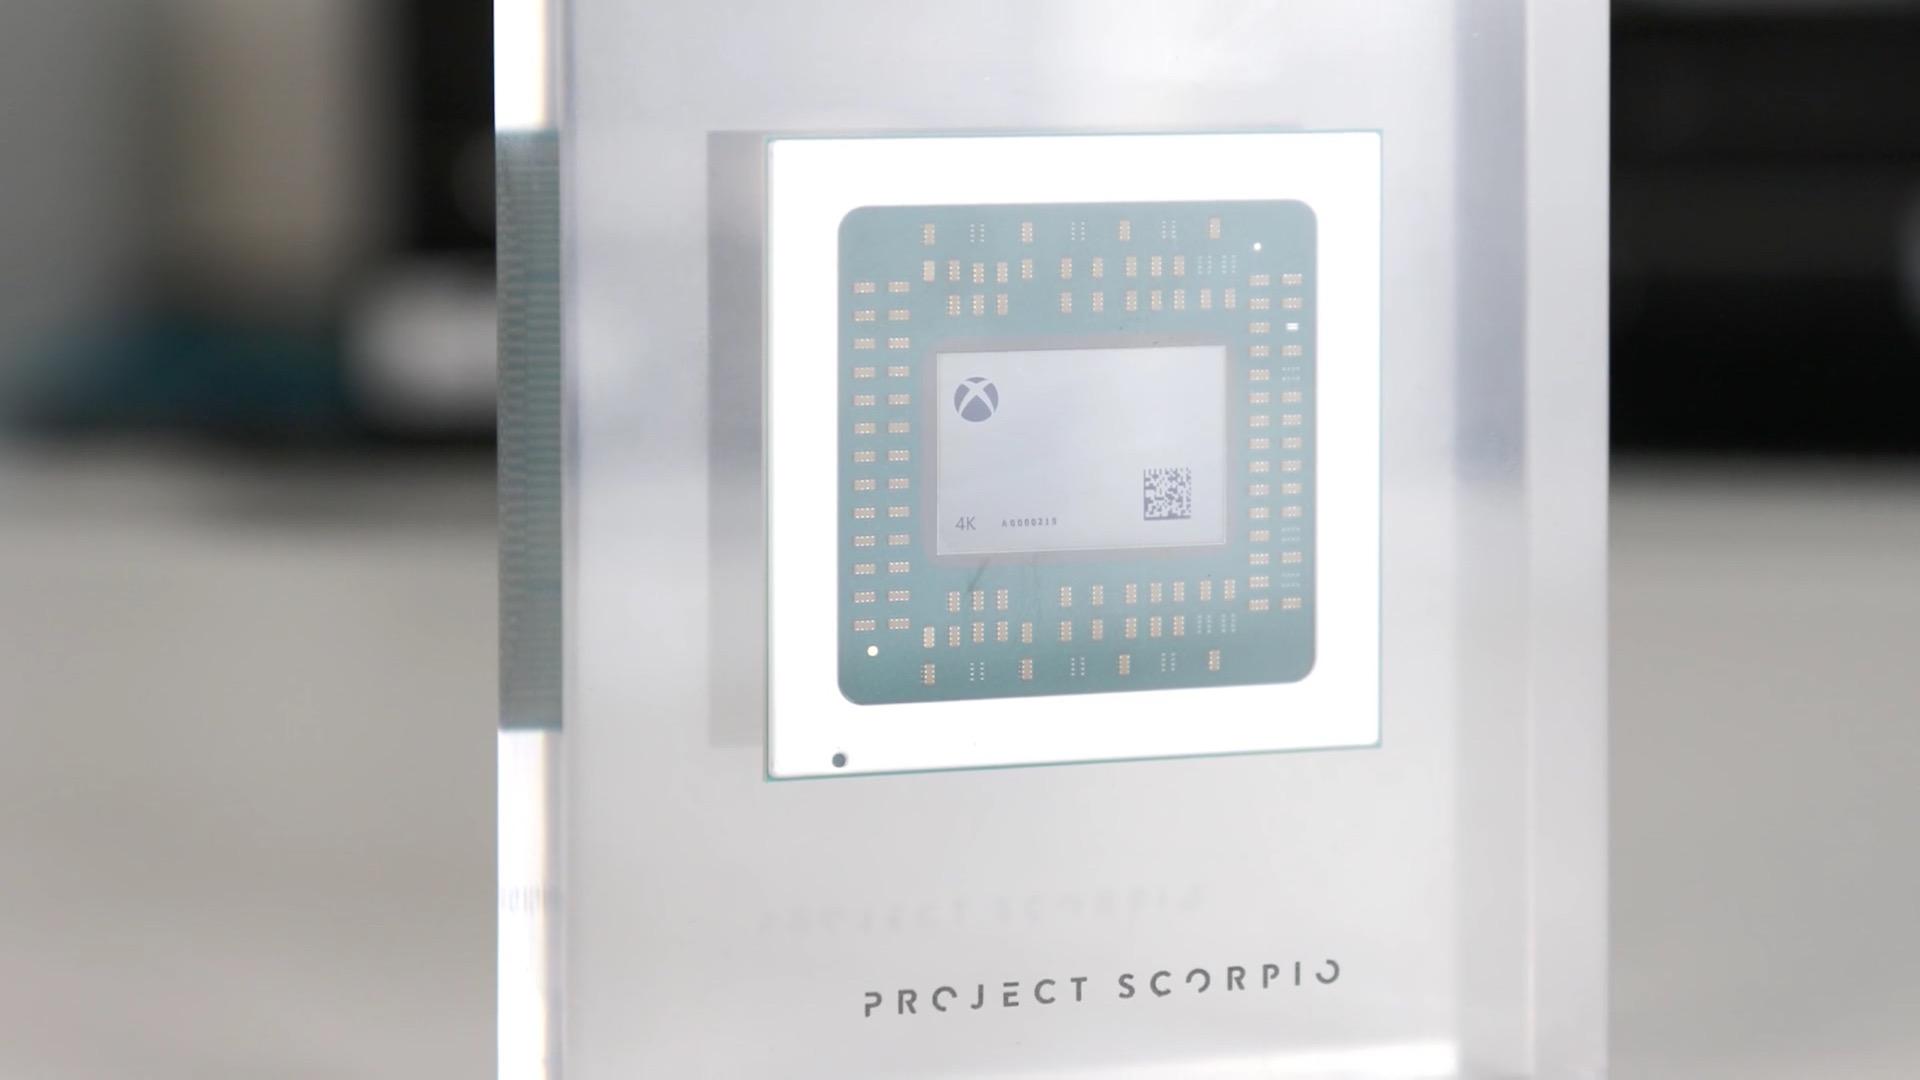 Xbox Project Scorpio Specs4